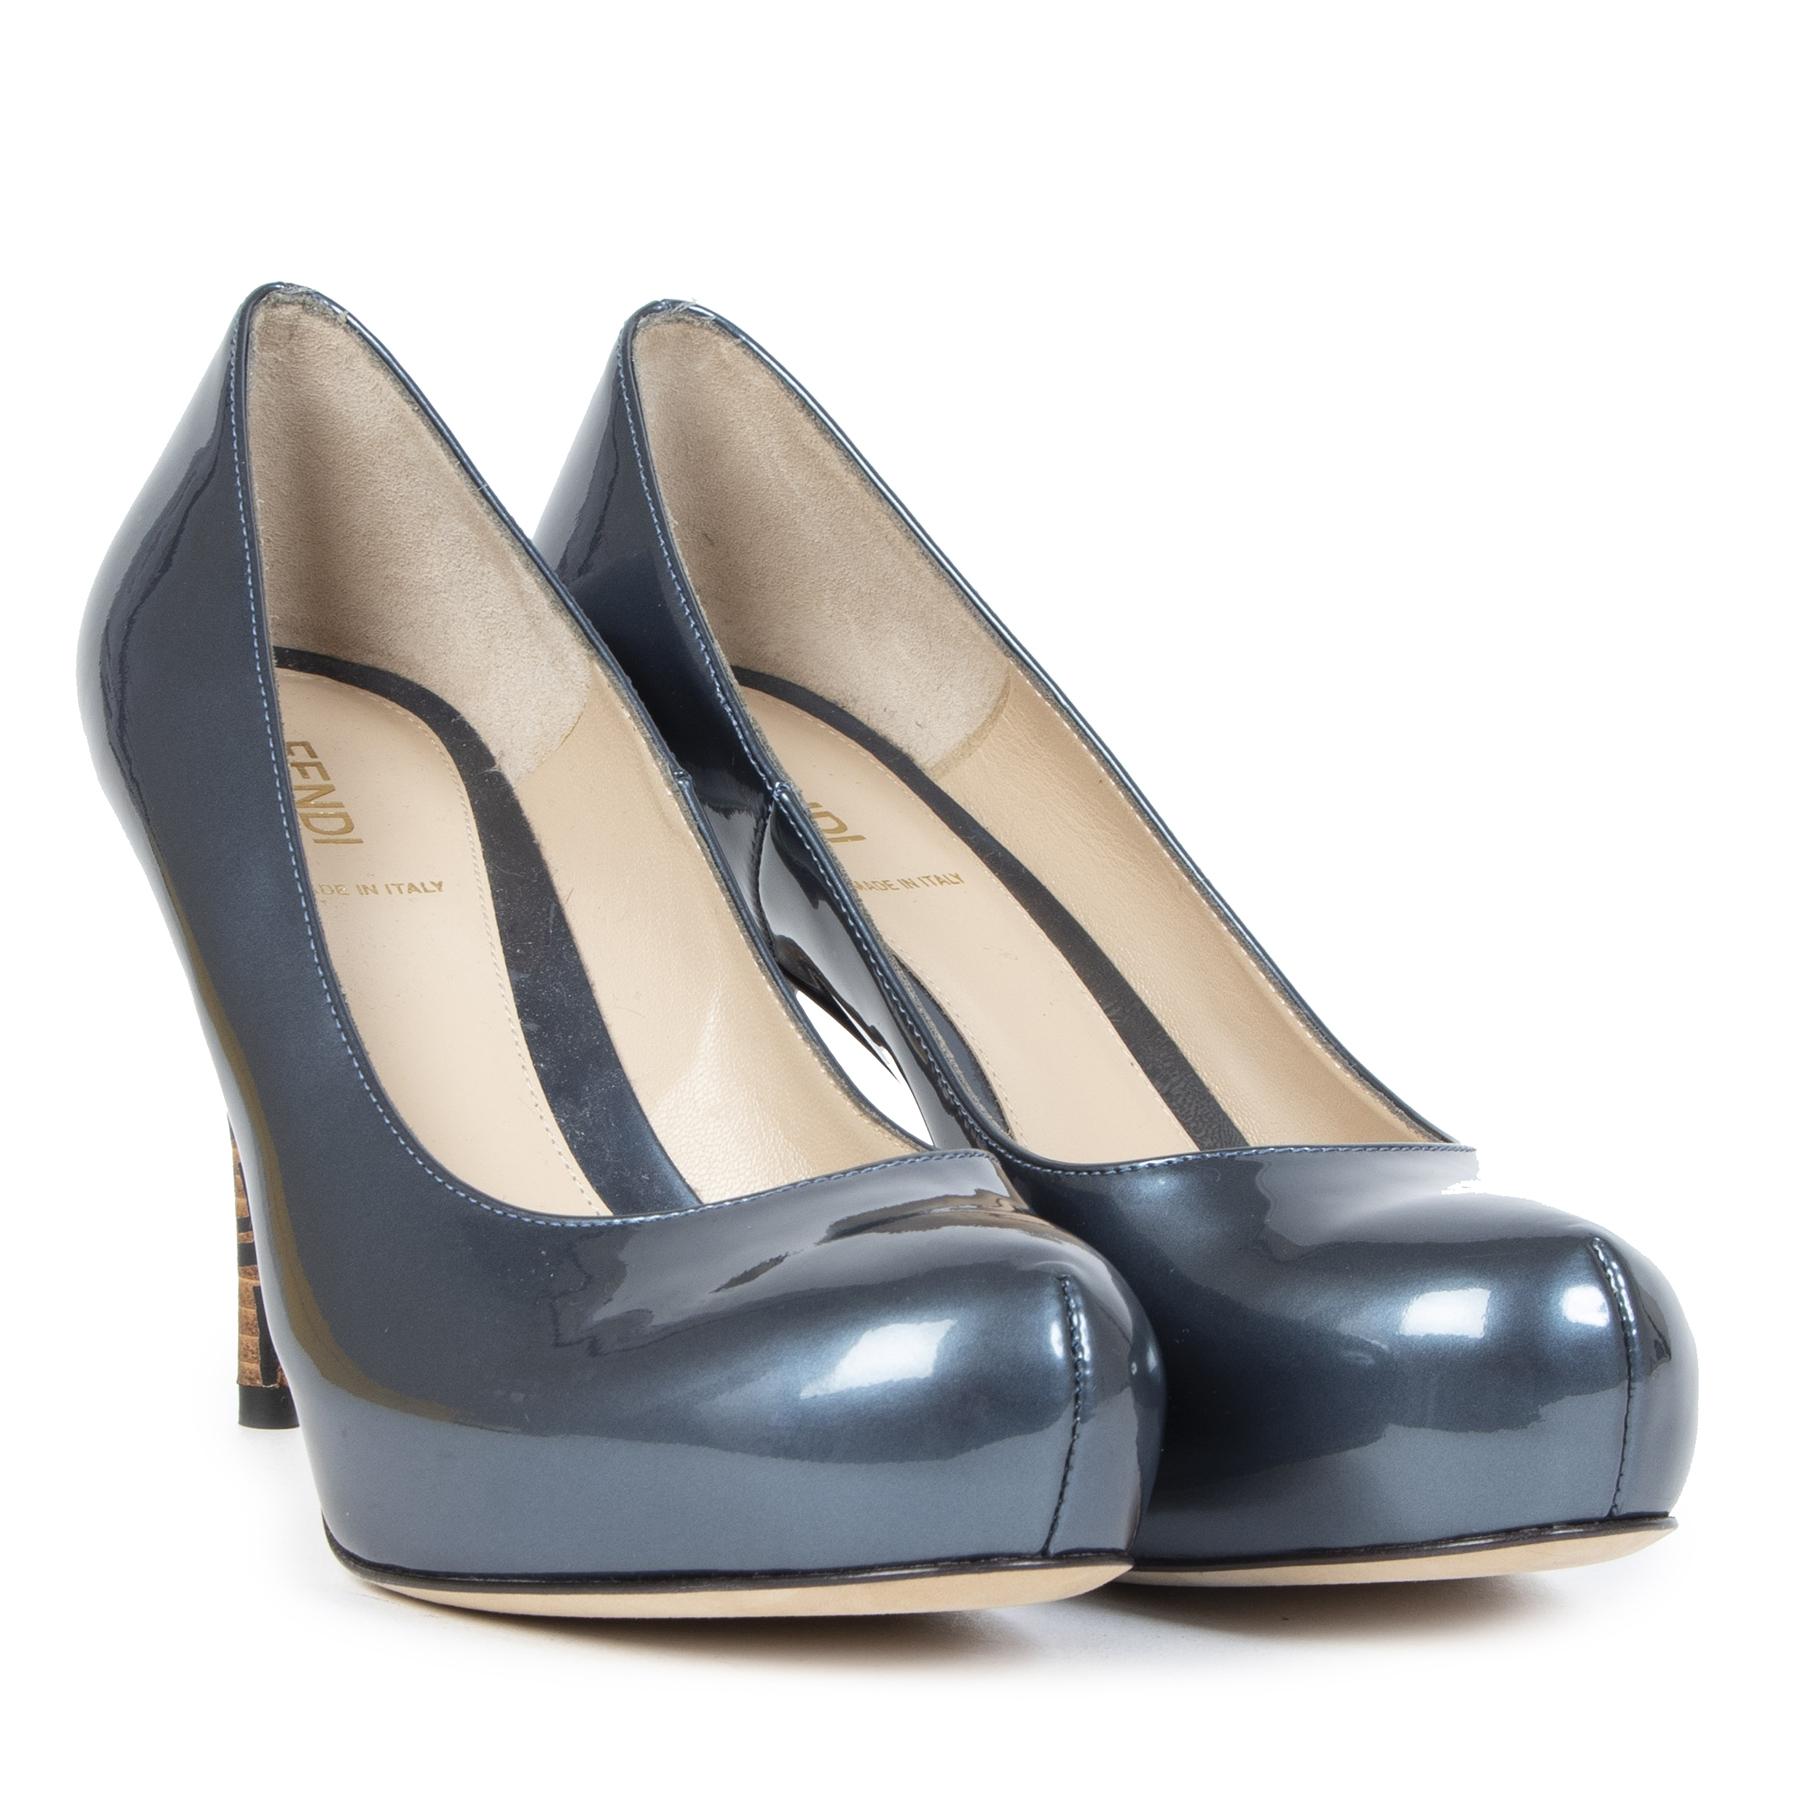 Authentieke Tweedehands Fendi Blue Patent Leather Logo Heel Platform Pumps - Size 38,5 juiste prijs veilig online shoppen luxe merken webshop winkelen Antwerpen België mode fashion